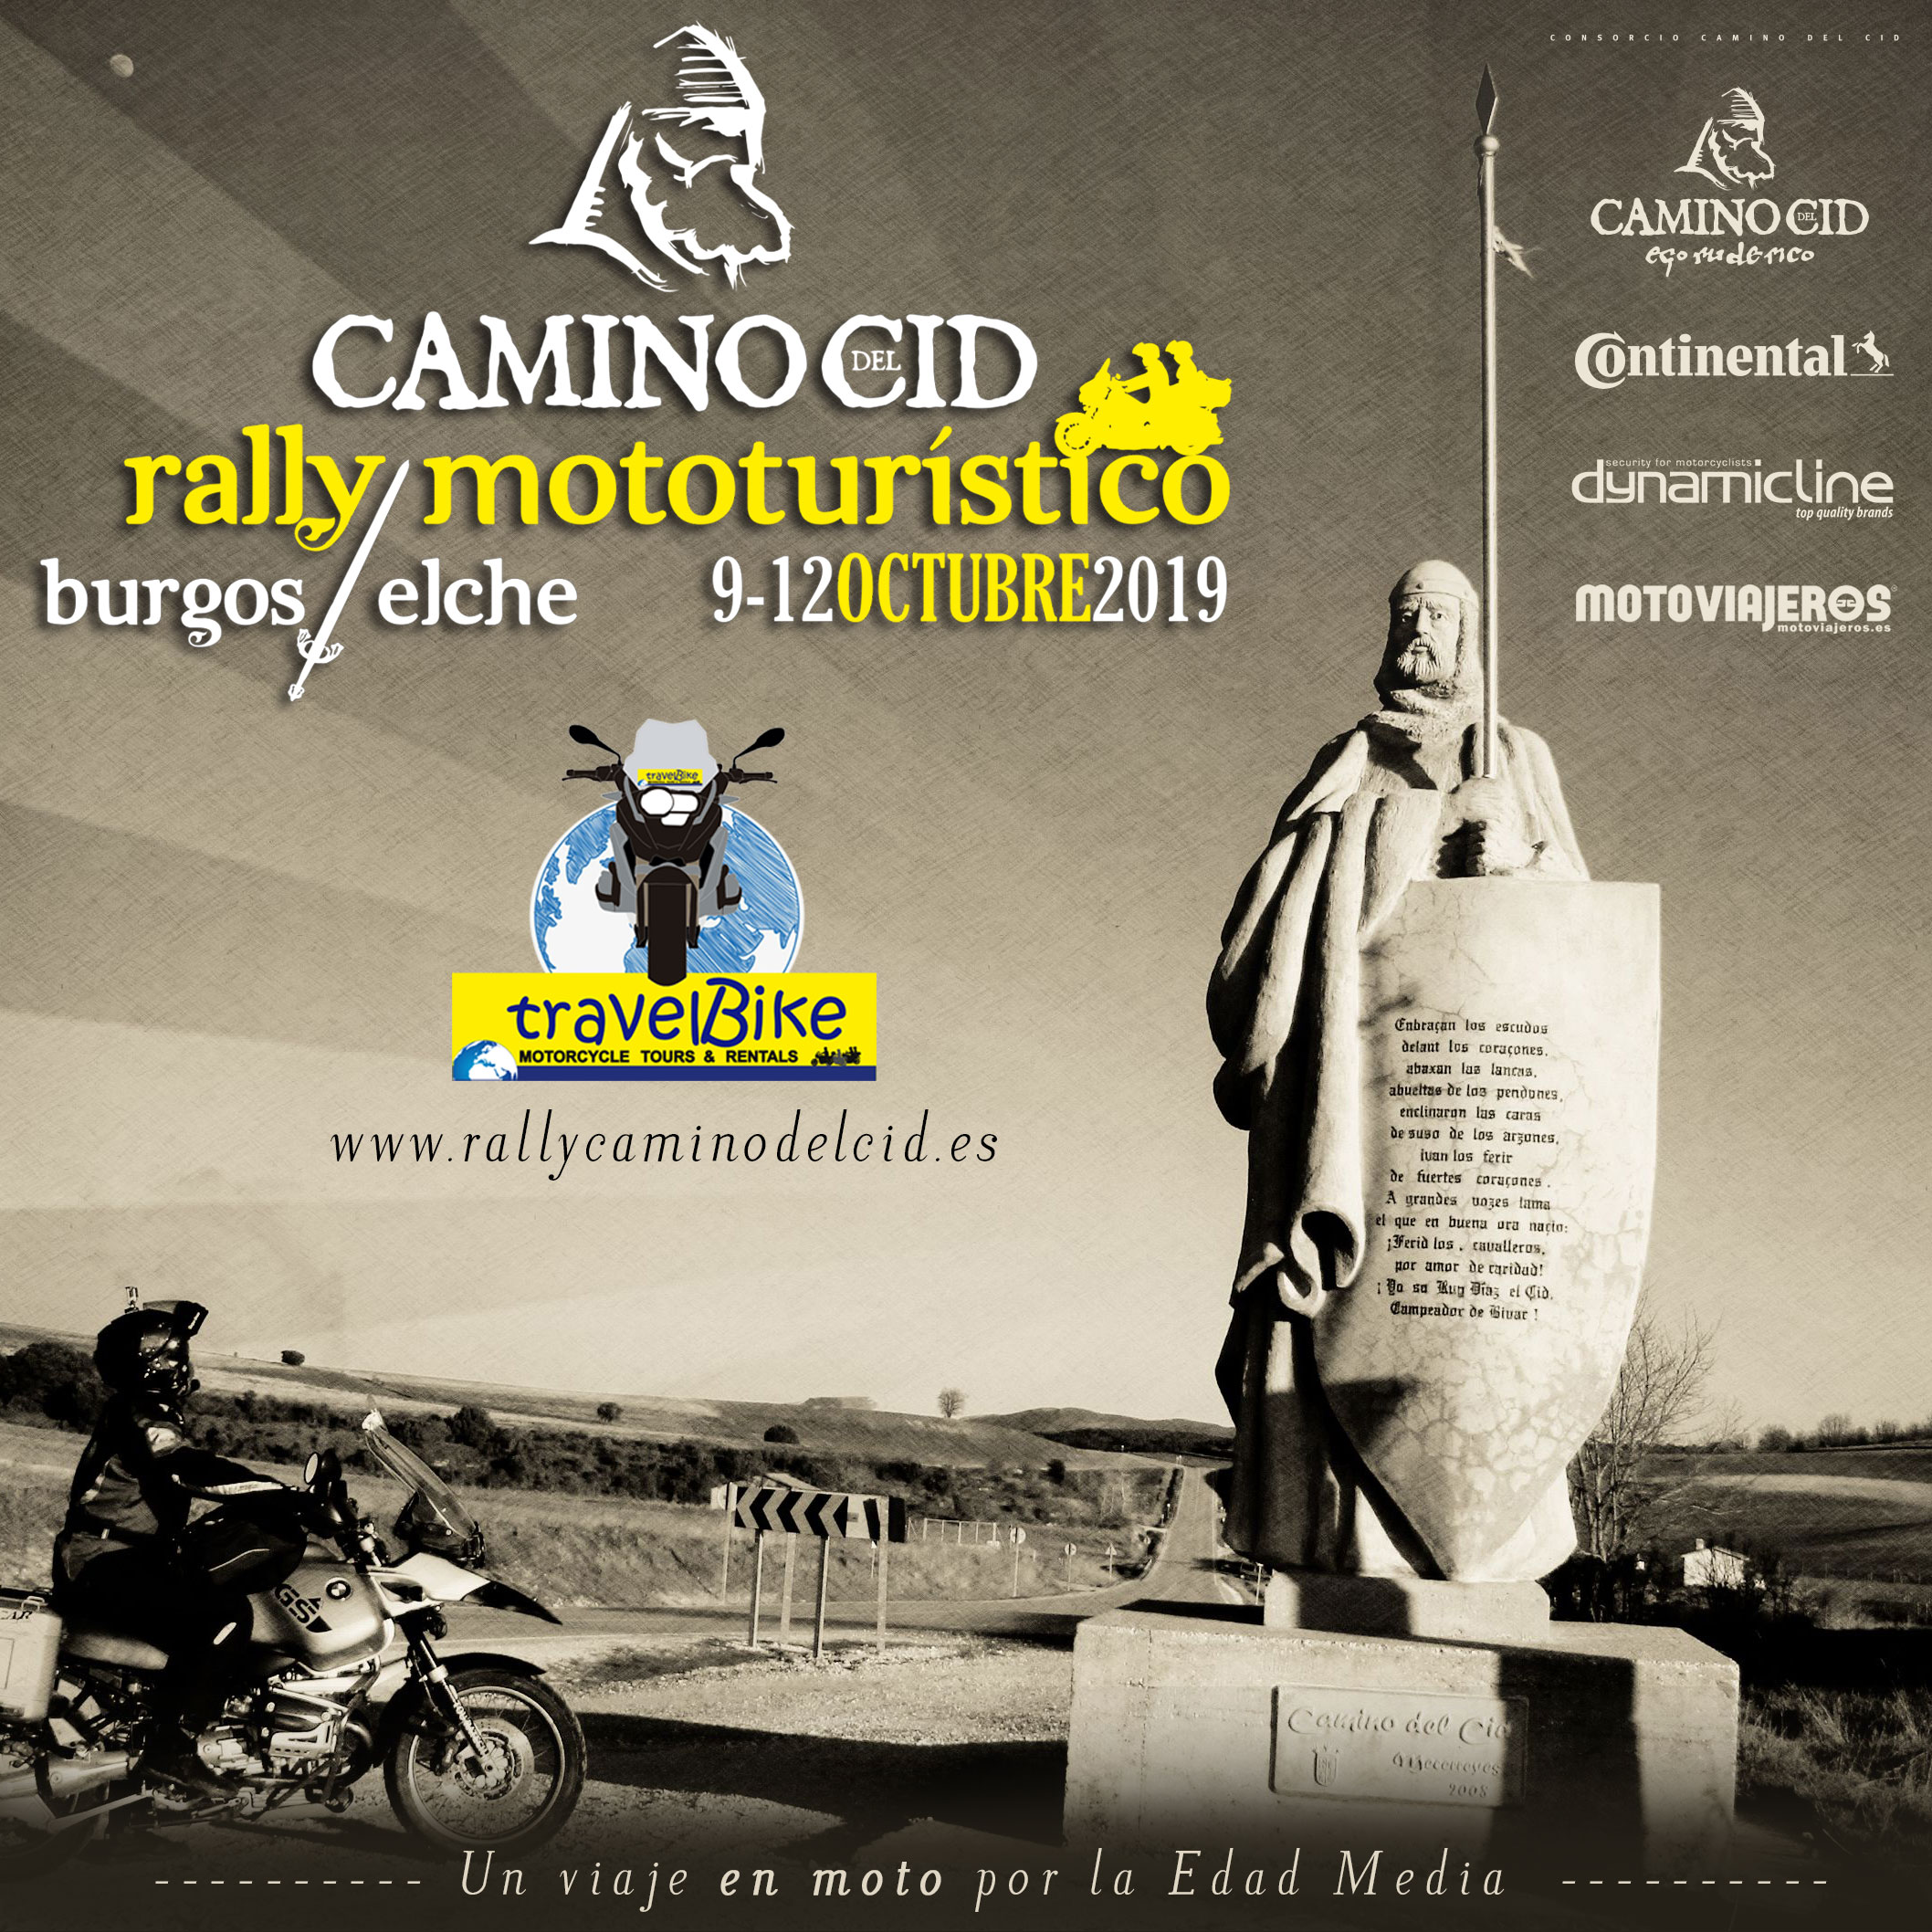 cartel rally mototuristico camino del cid 1